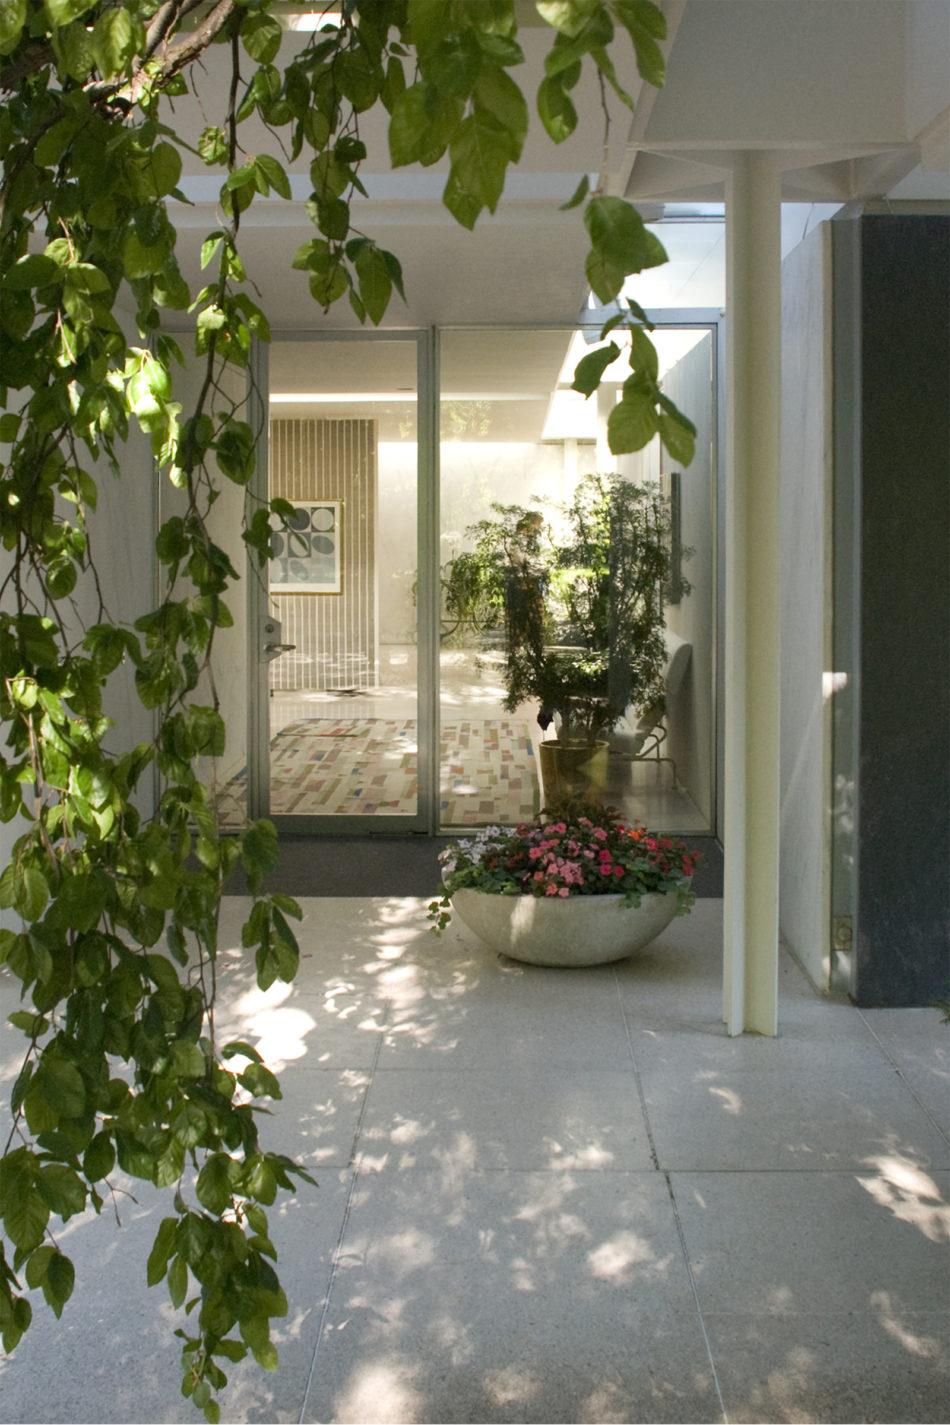 Best In Class Miller House In Columbus Indiana By Eero Saarinen